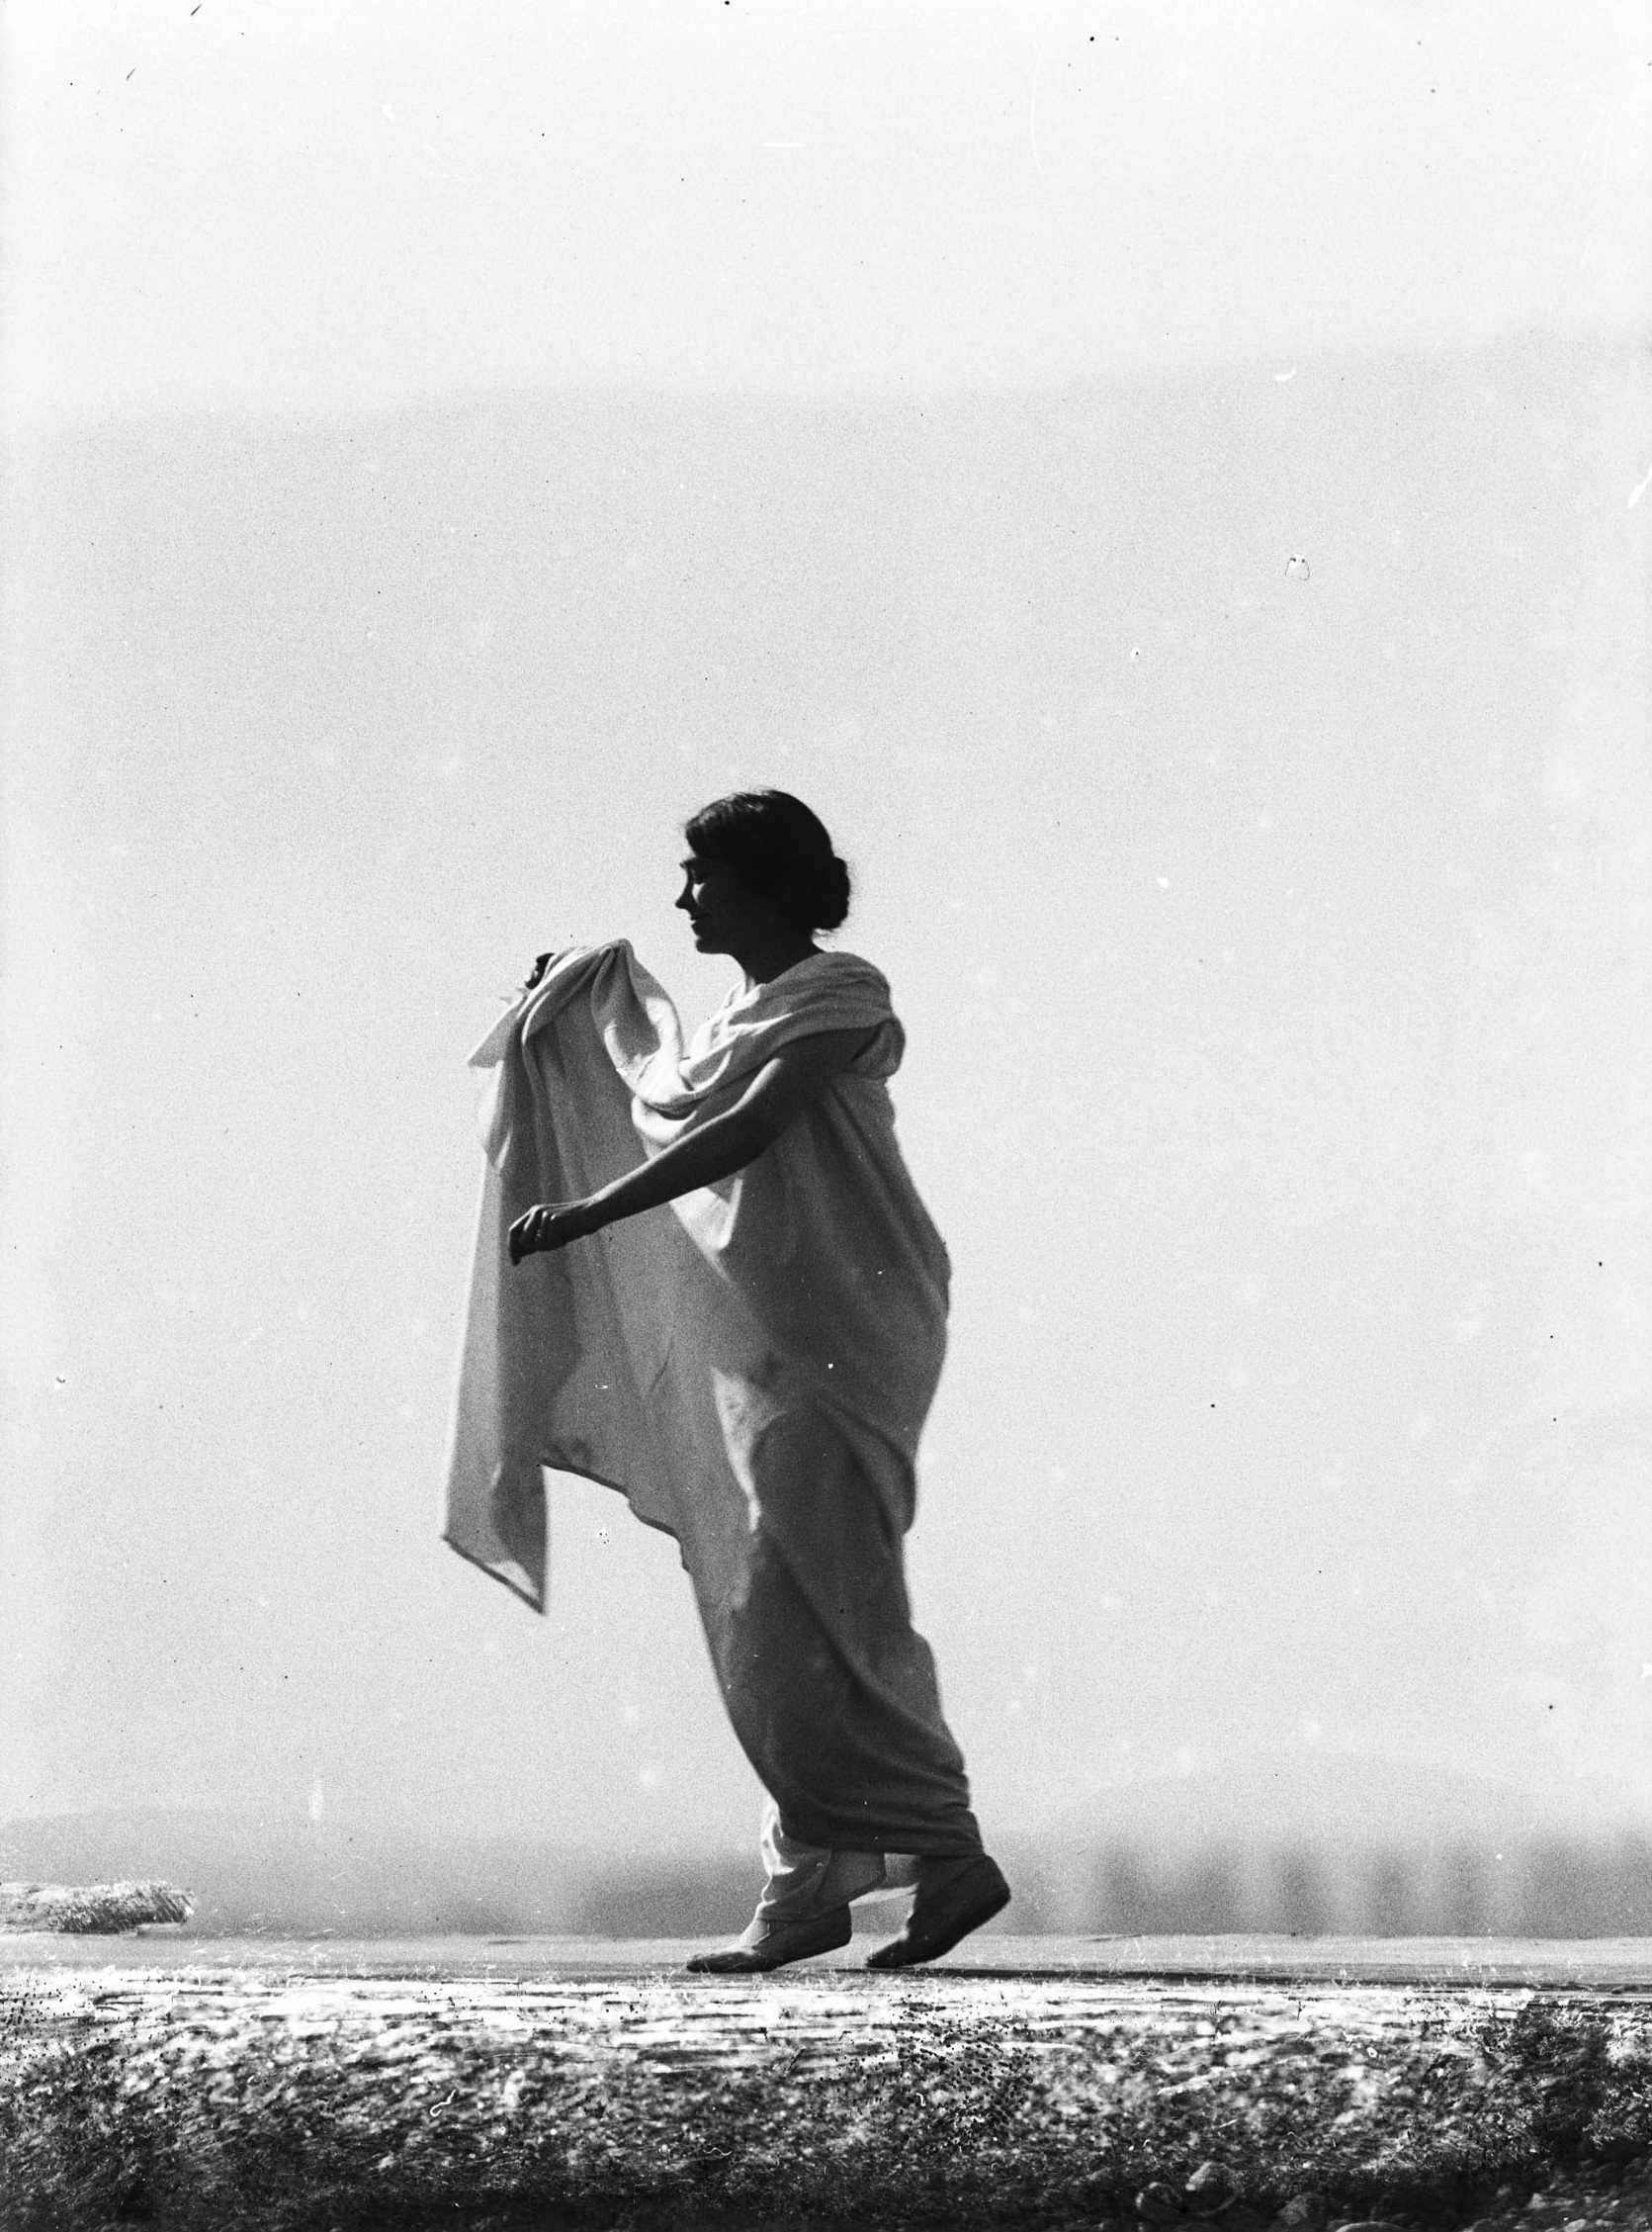 François Frédéric dit Fred Boissonnas - Magdeleine G. dansant , hypnotisée par Emile Magnin, 1902-1904 Négatif au gelatino-bromure d'argent sur verre